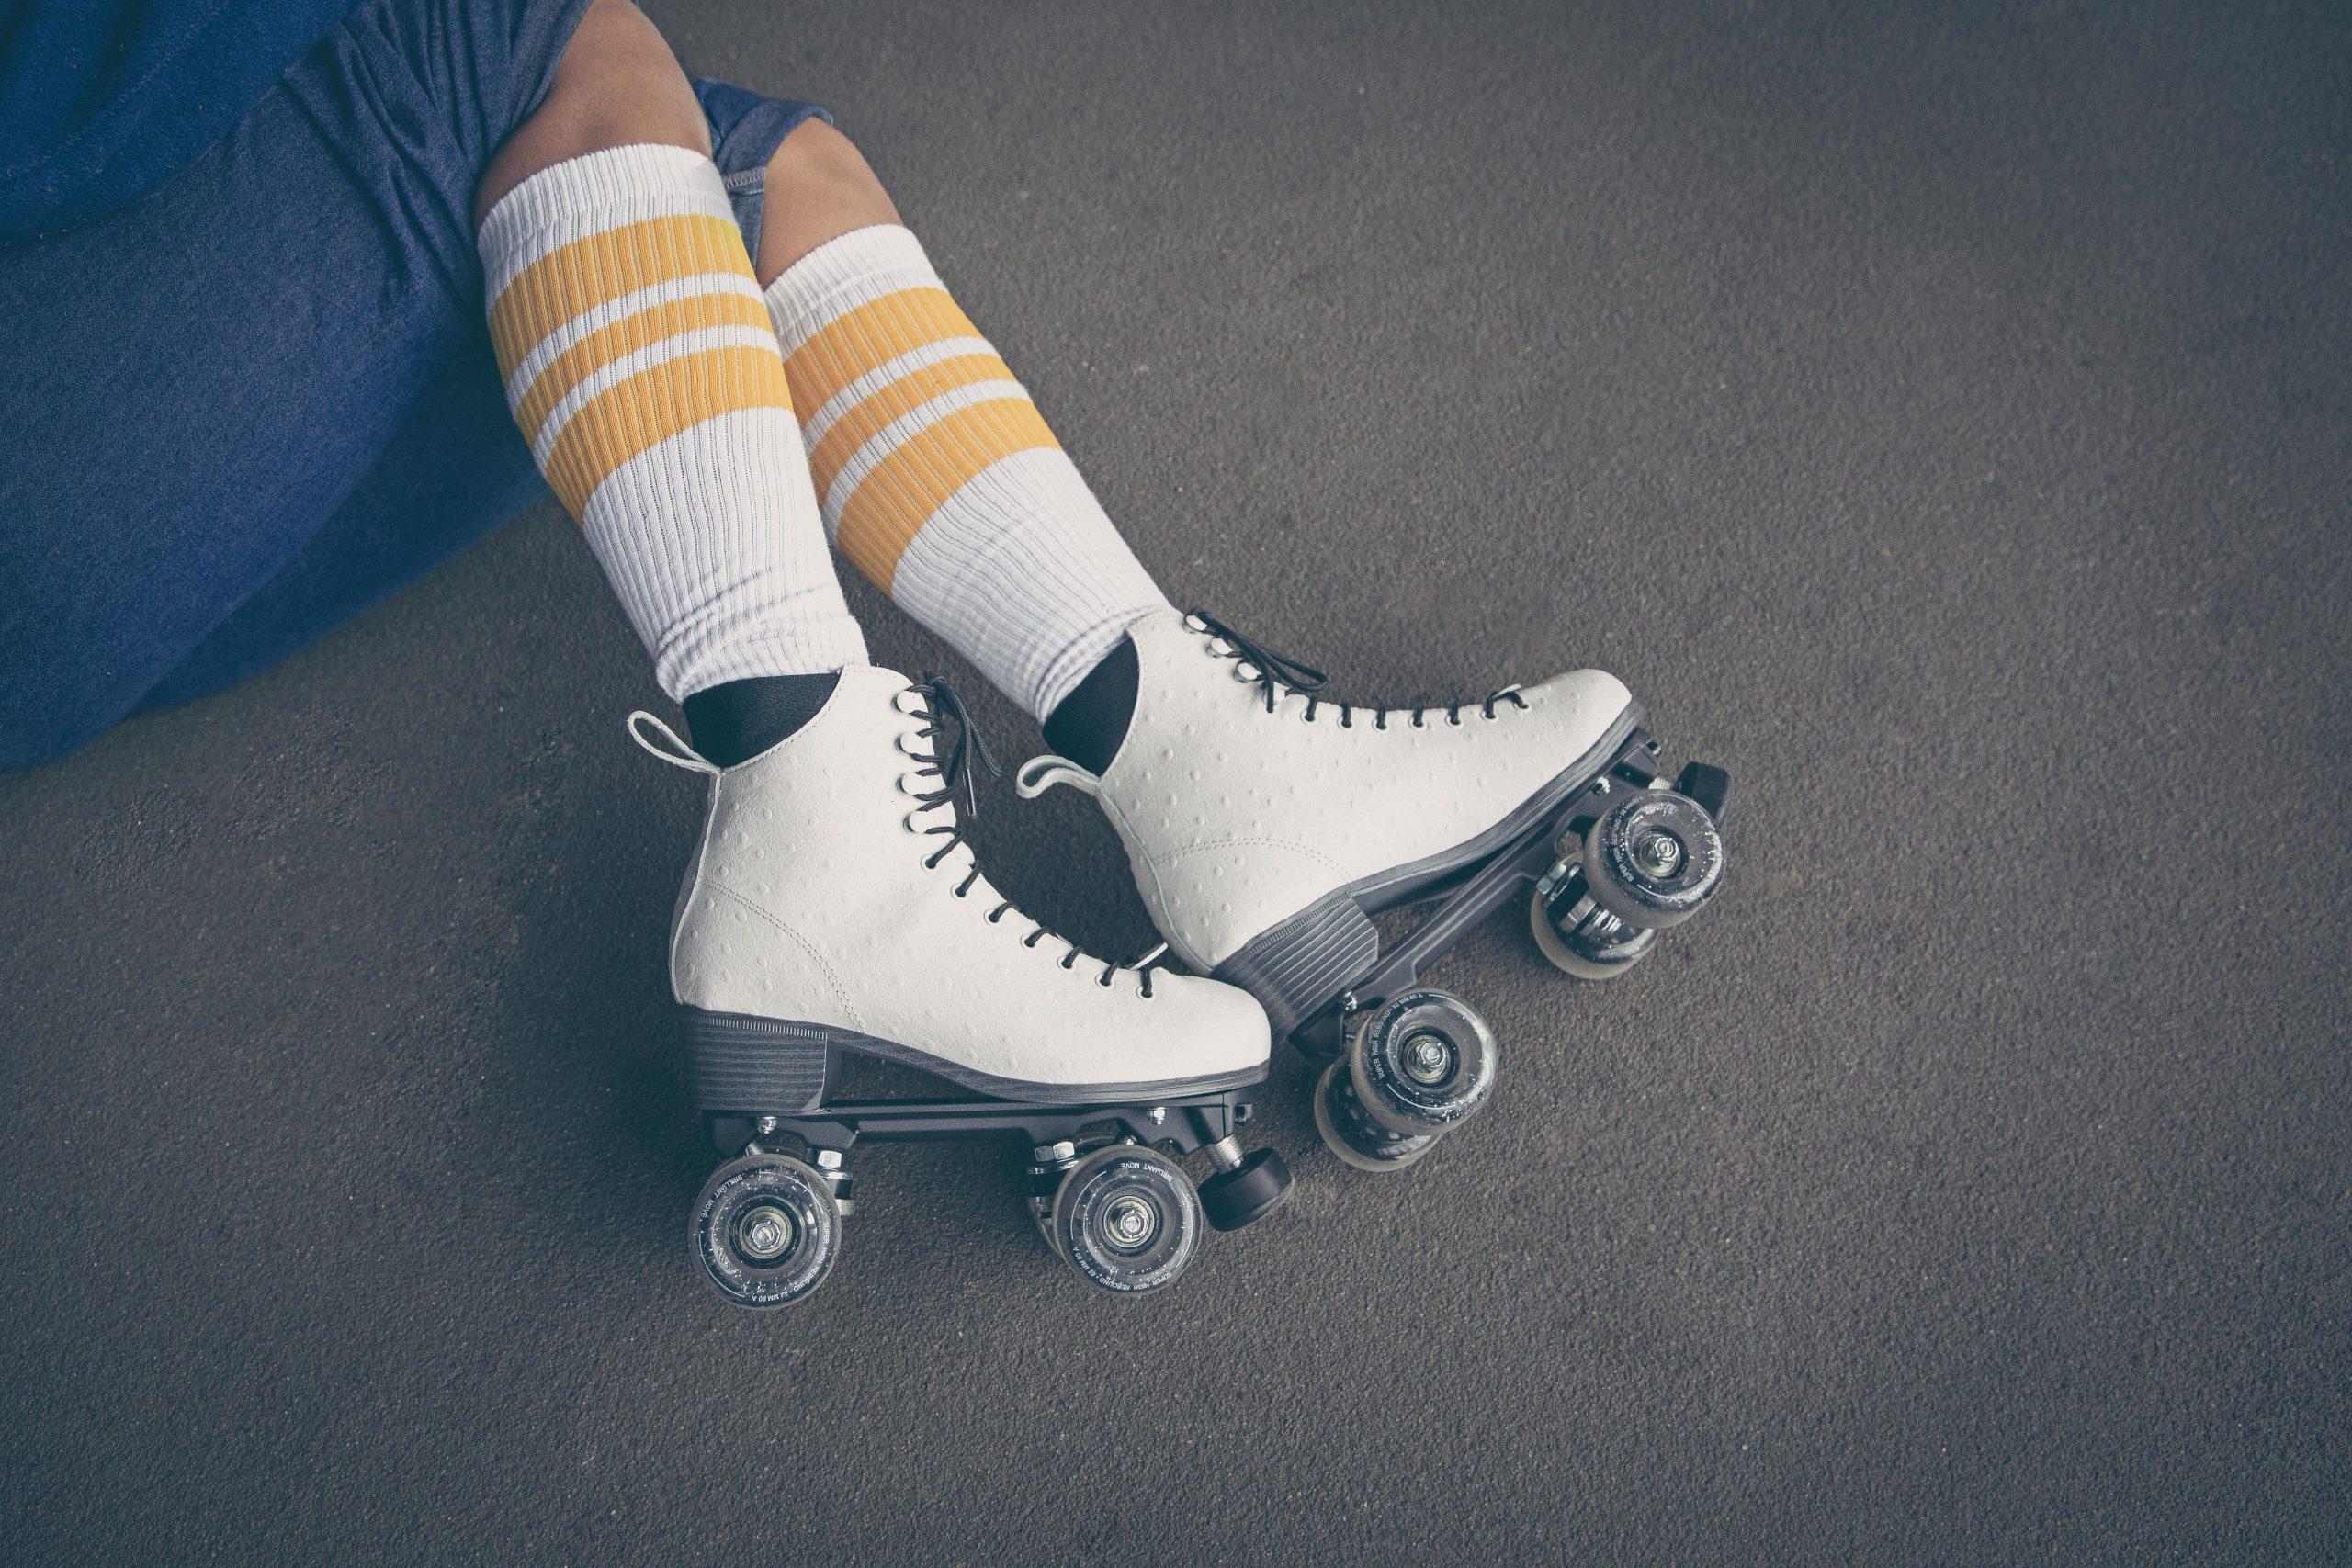 Luna-Skates-6